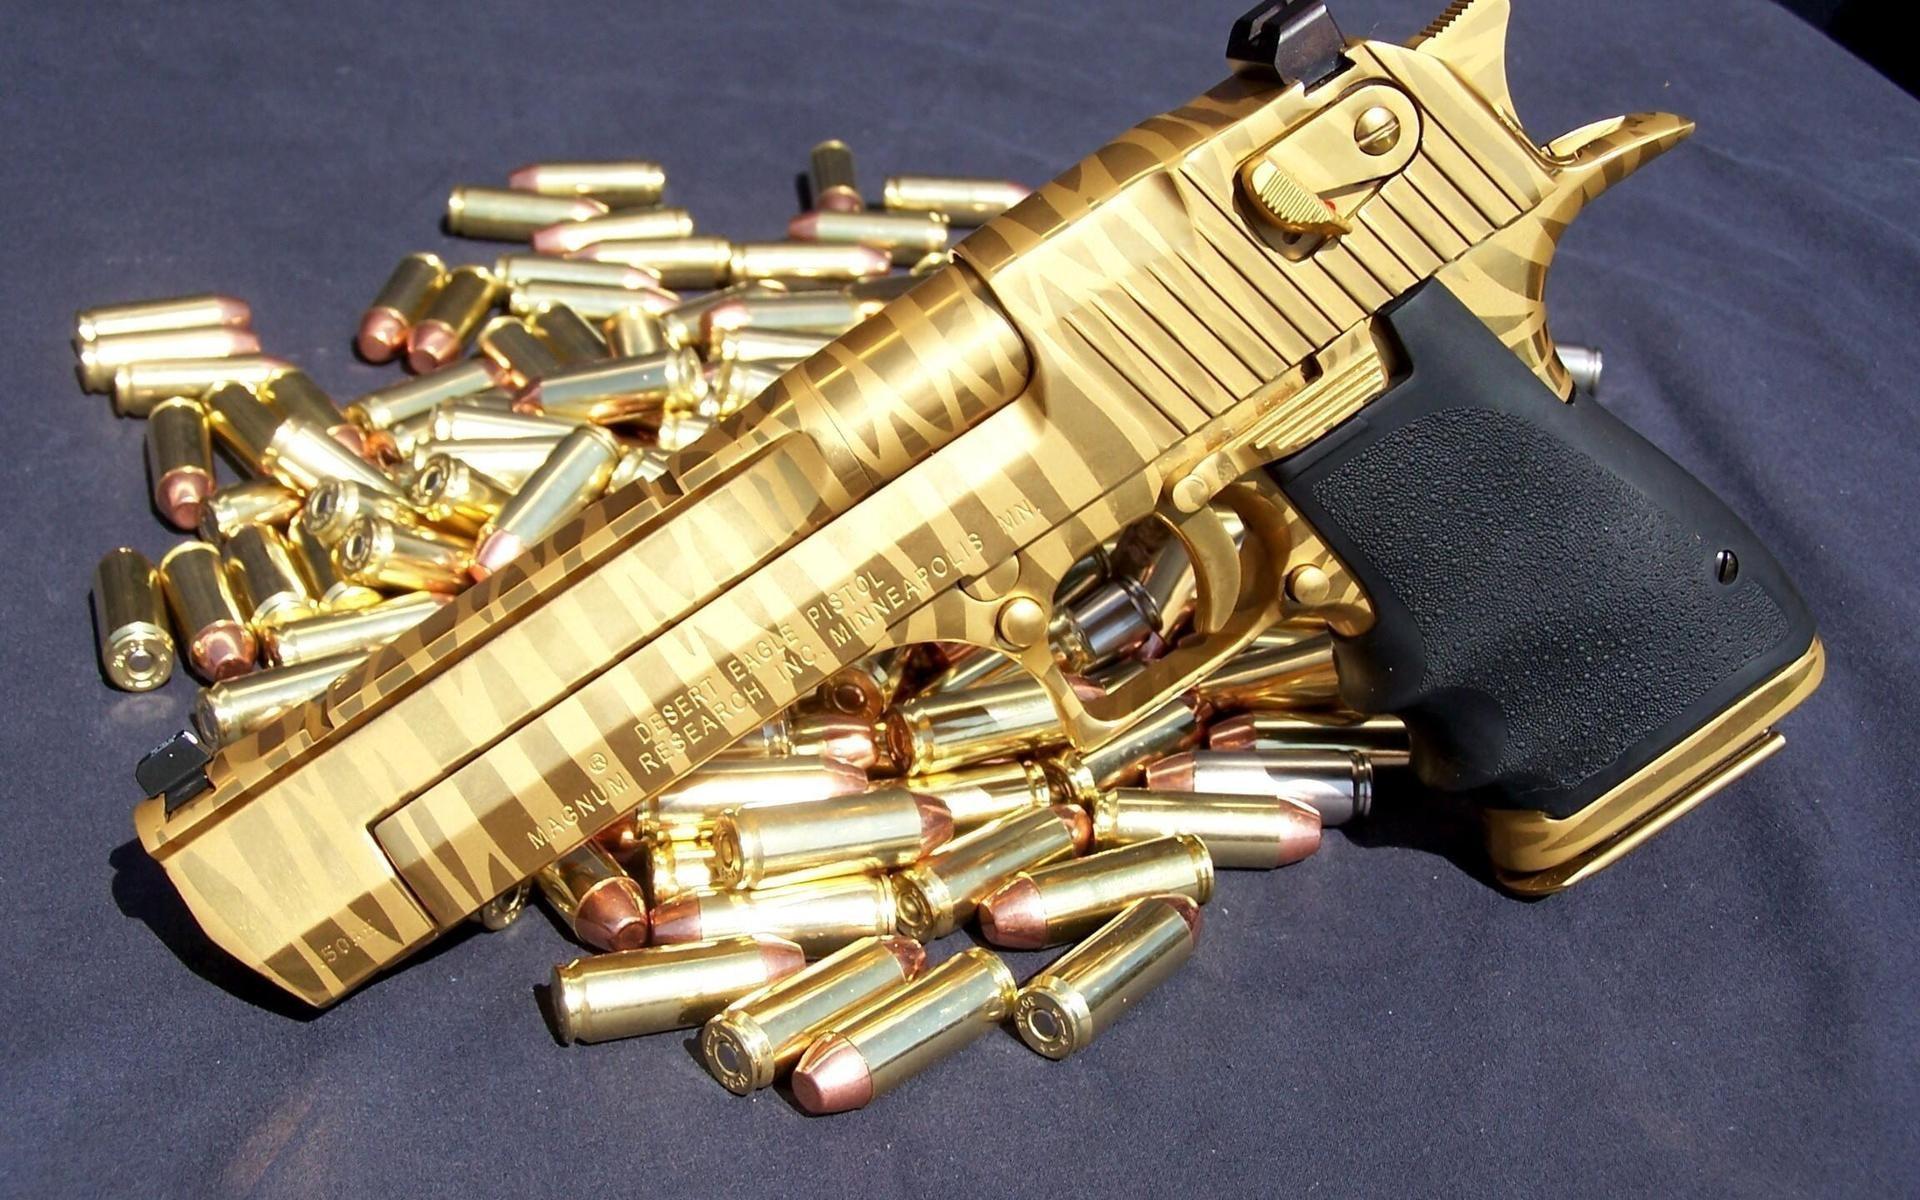 Pistola de Oro - 1920x1200